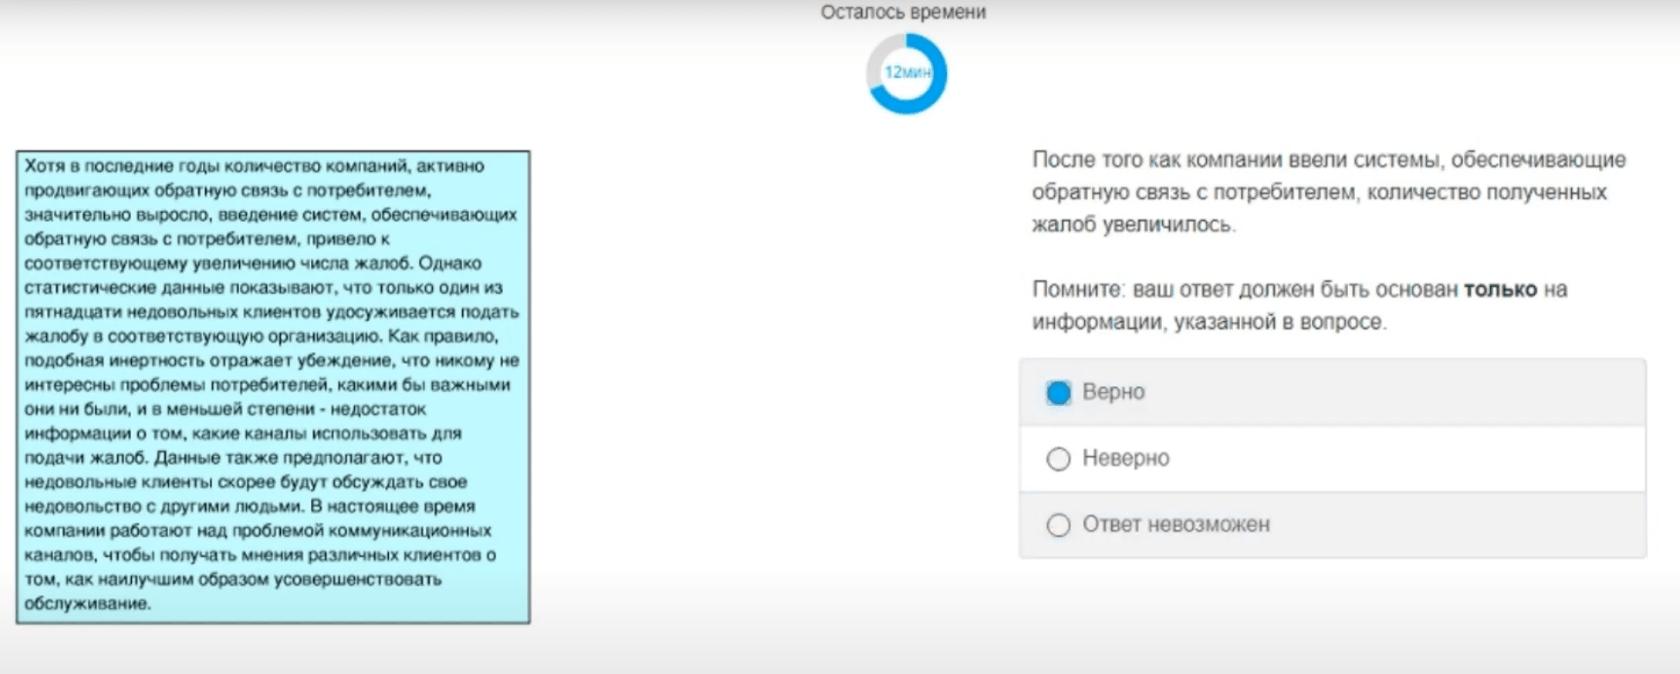 пример вербального теста молодежного кадрового резерва казахстана